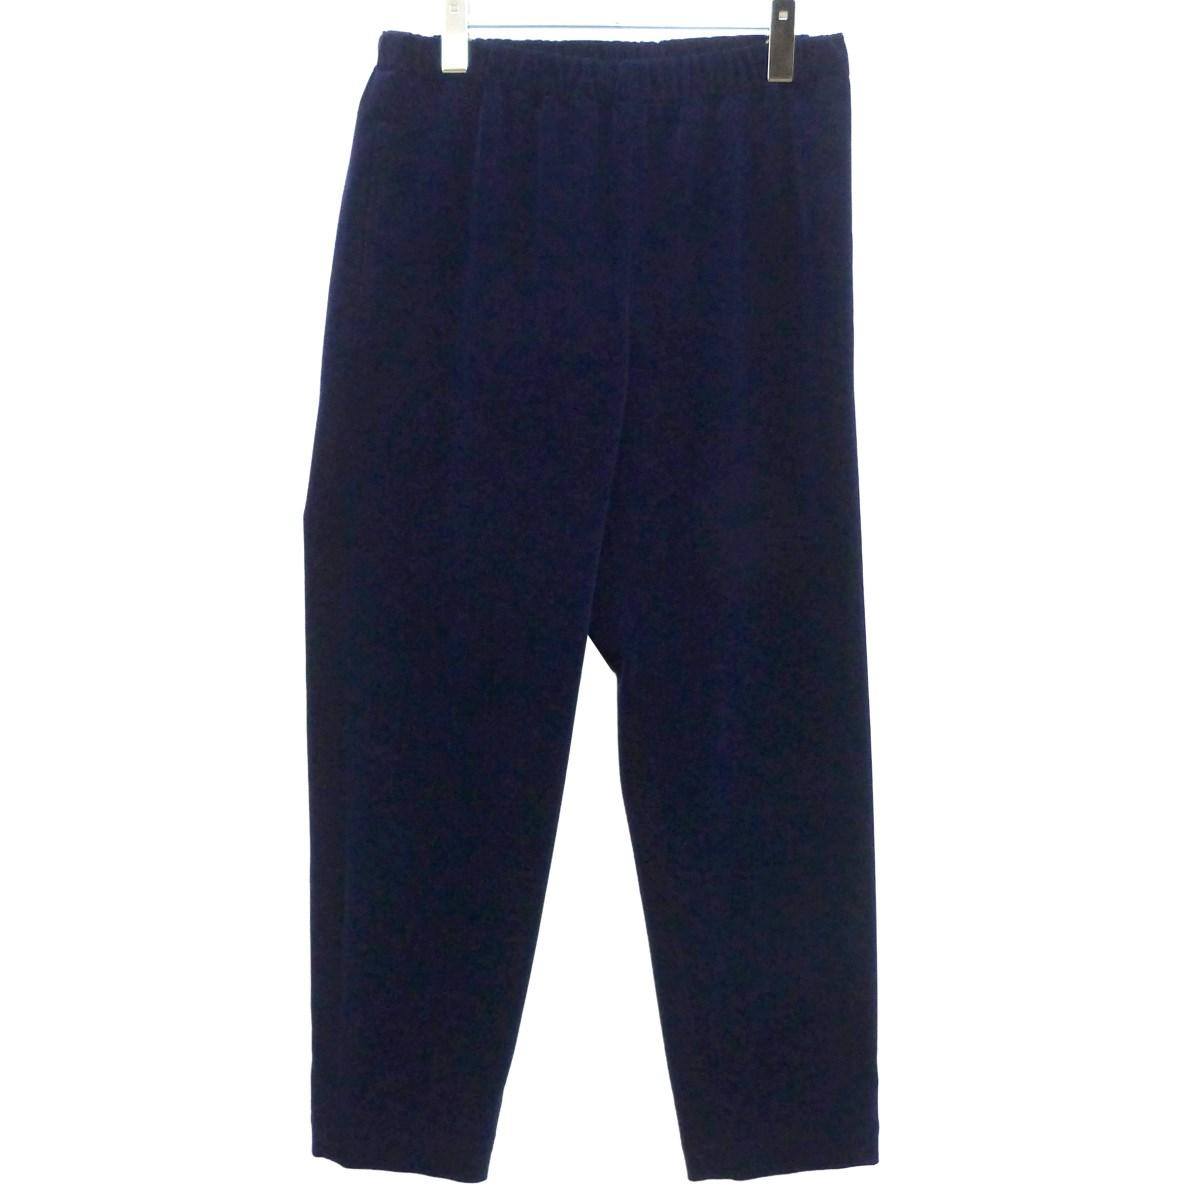 【中古】COMME des GARCONS 18AWベロアパンツ ブルー サイズ:S 【051219】(コムデギャルソン)